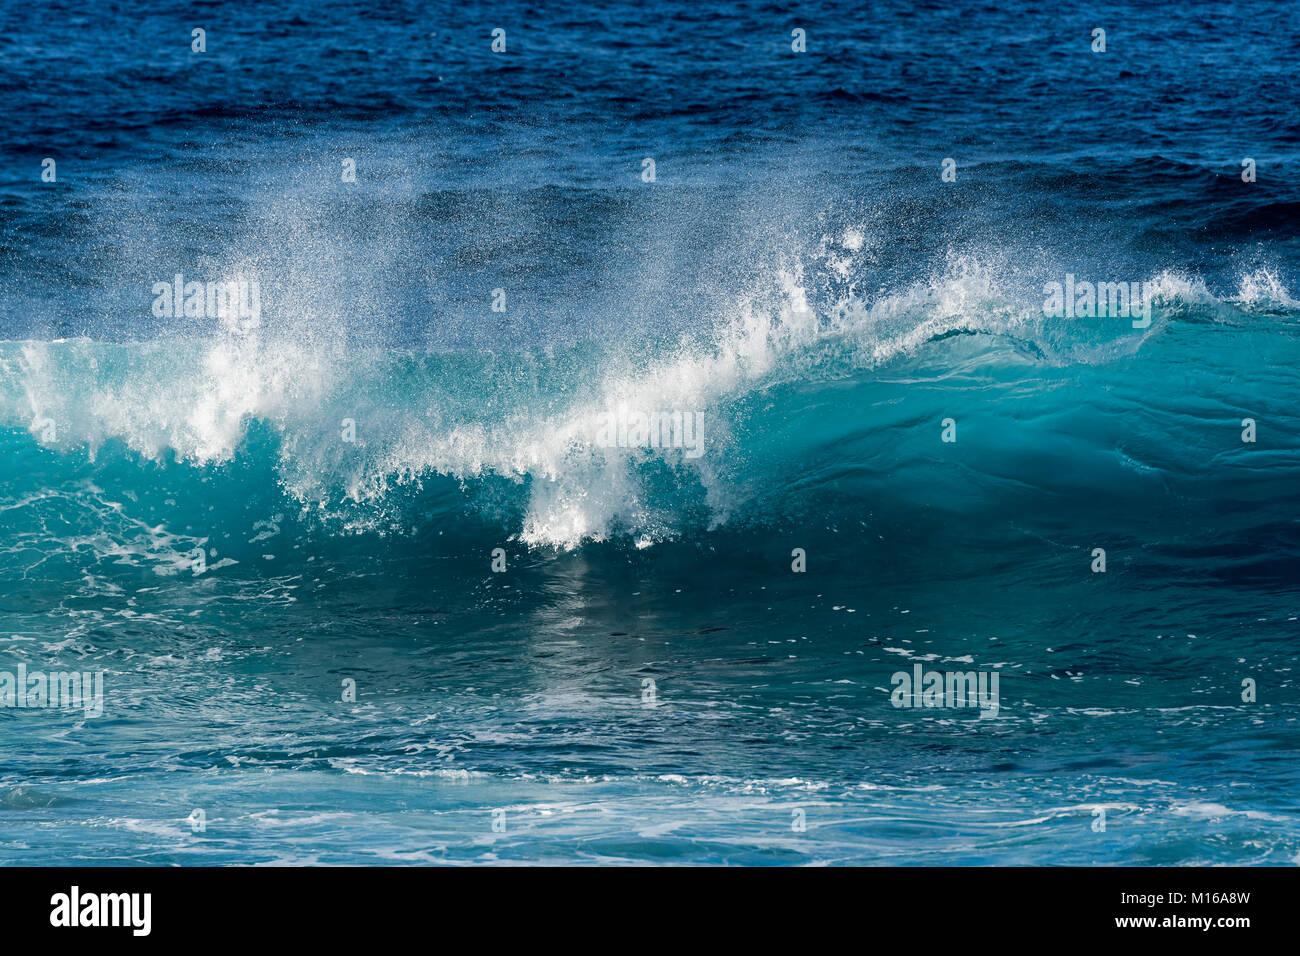 Navigare nell'Oceano Pacifico, l'isola di pasqua, Valparaiso, Cile, Polinesia, Oceania Foto Stock